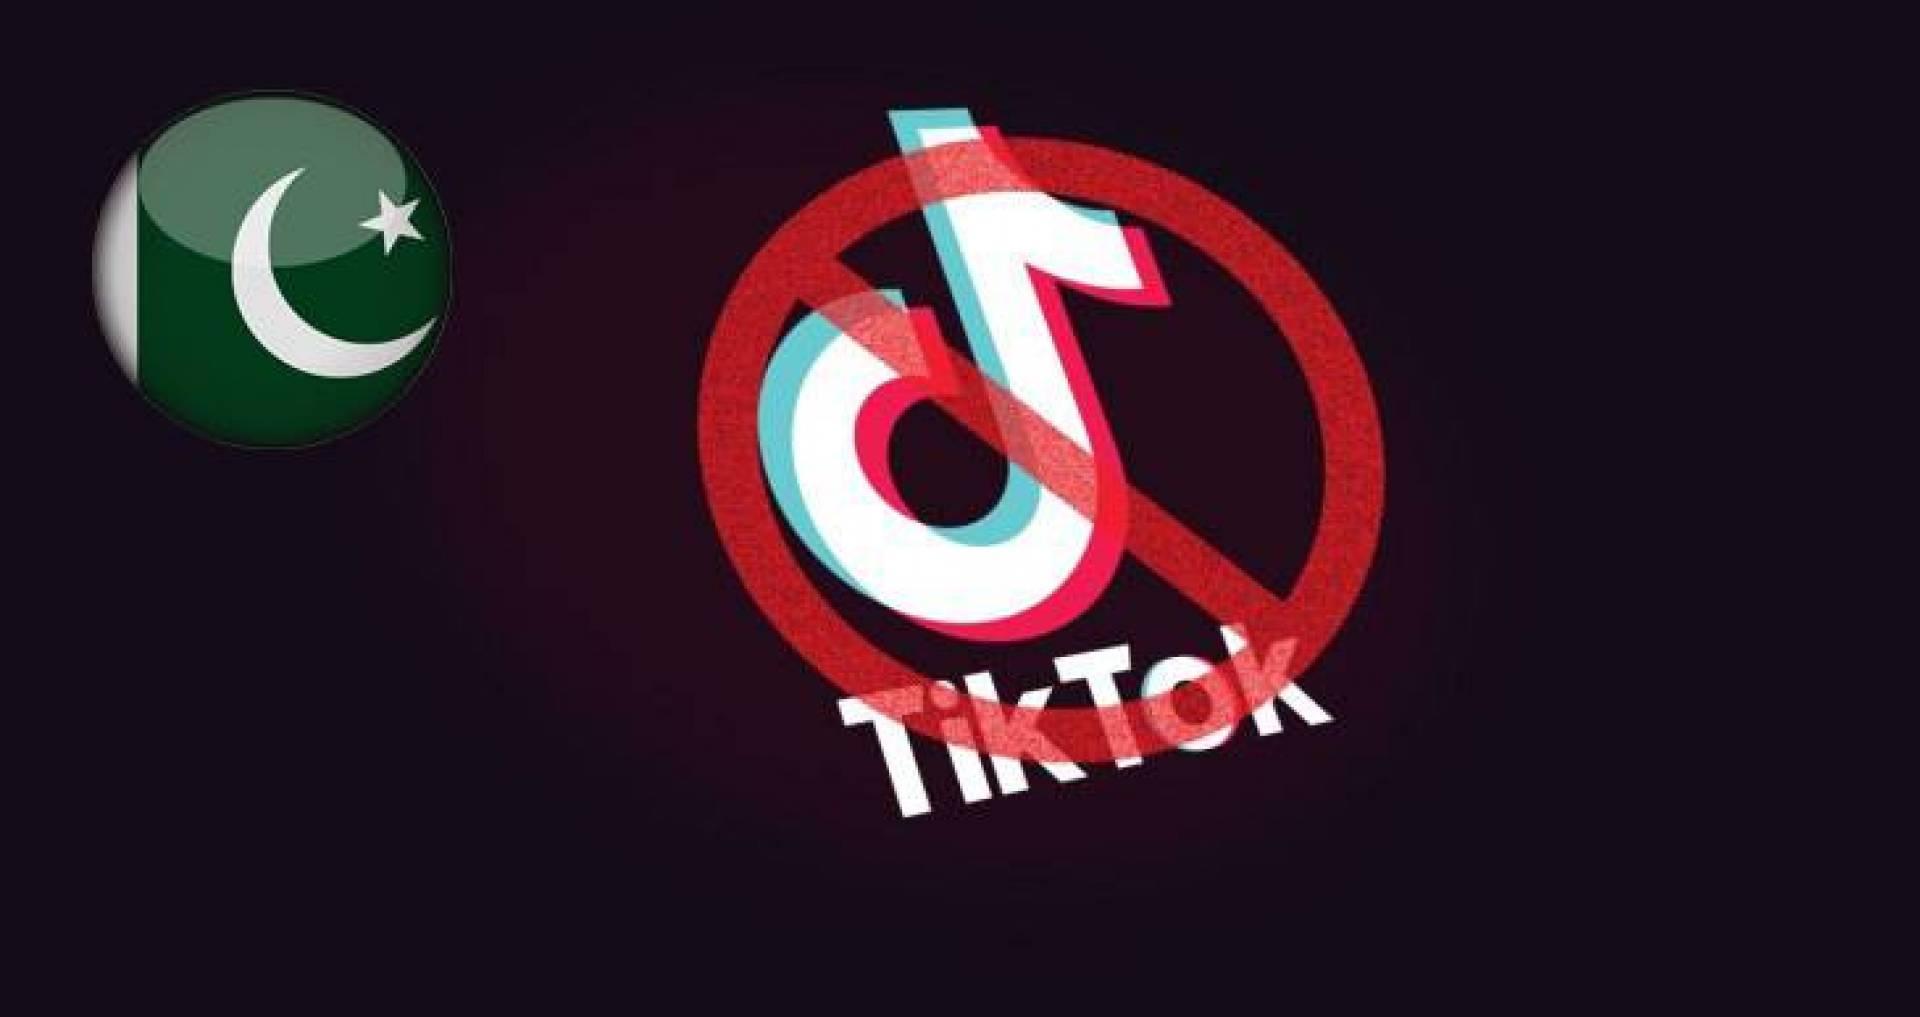 باكستان تحظر «تيك توك».. بسبب مضامينه «اللاأخلاقية»